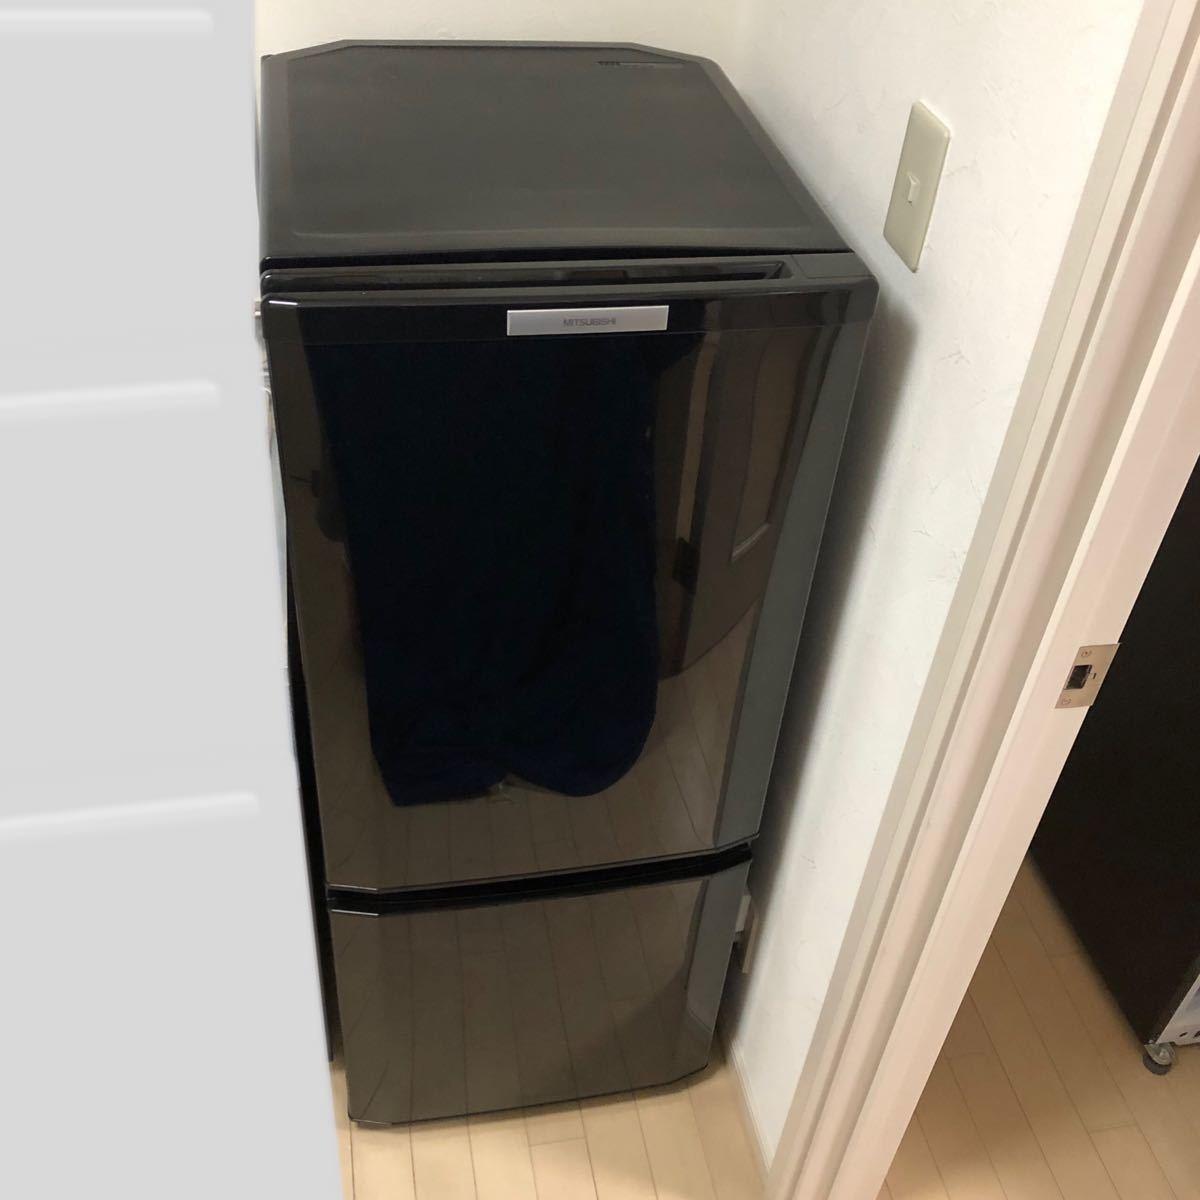 値下げしました!三菱 冷蔵庫 冷凍庫